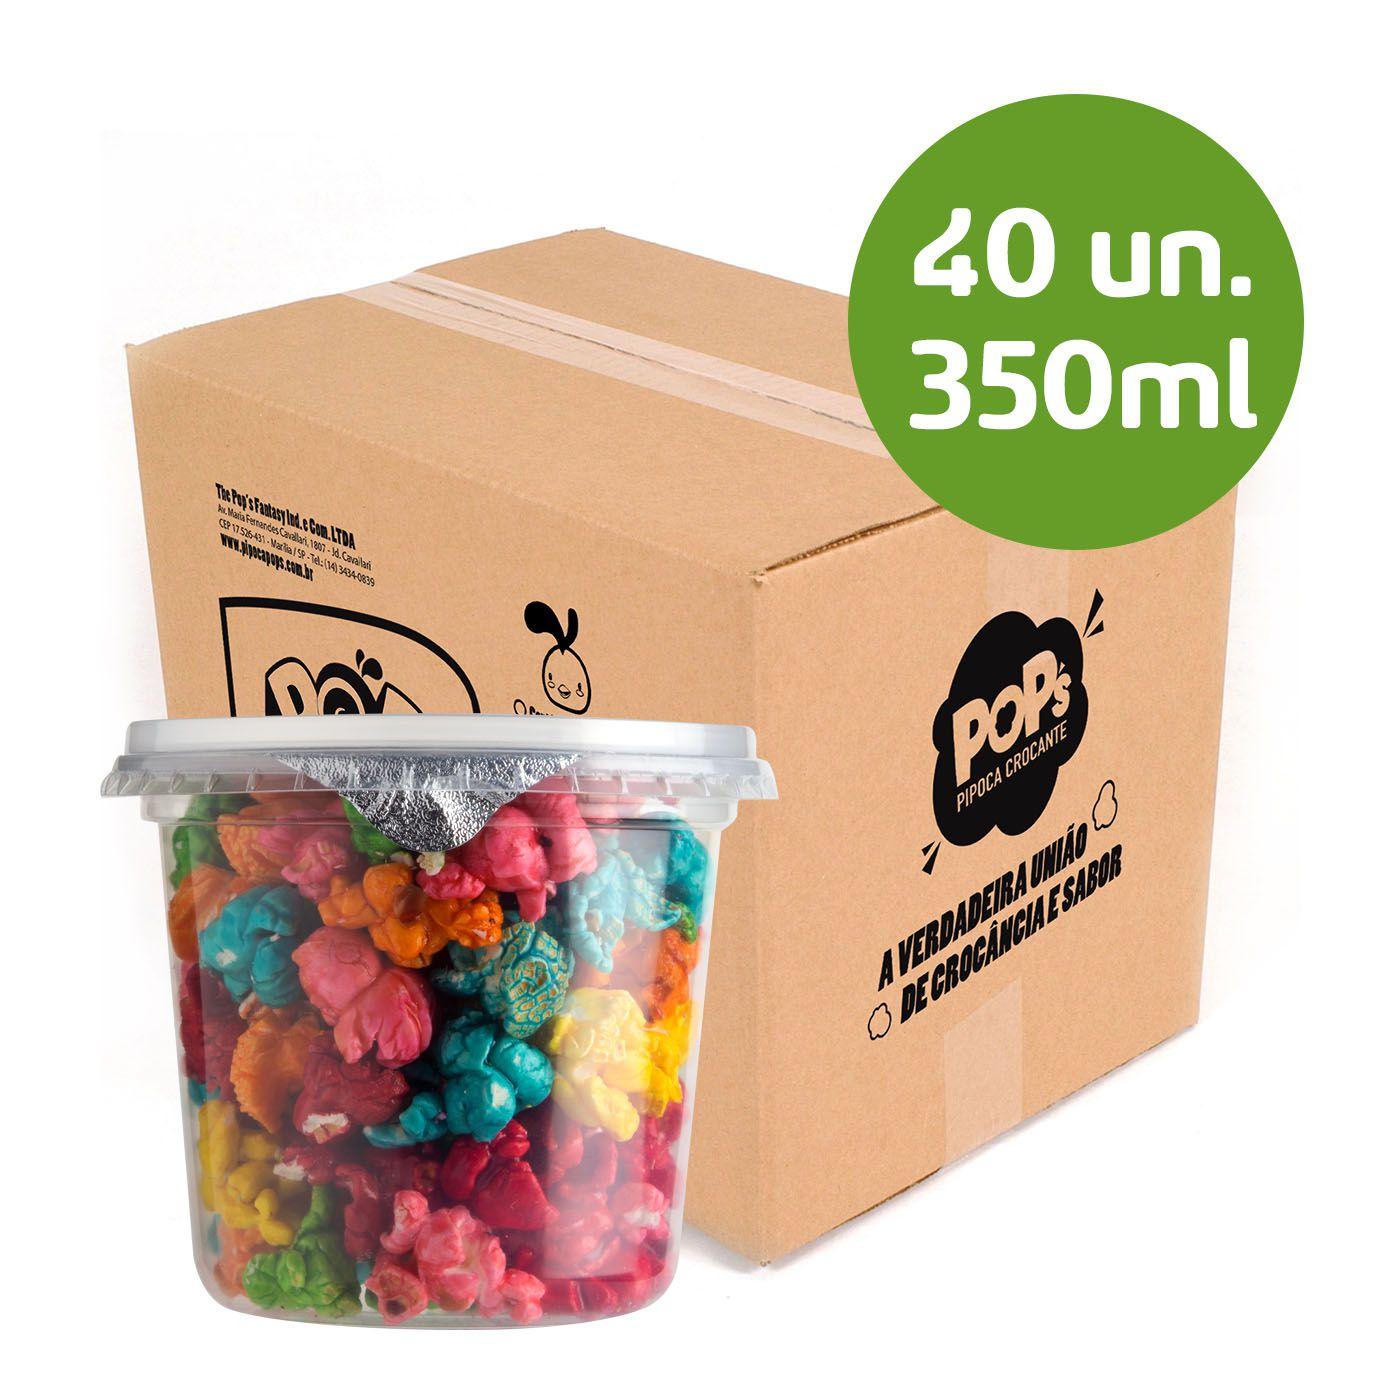 Caixa Pipoca - 350ml - 40 unidades